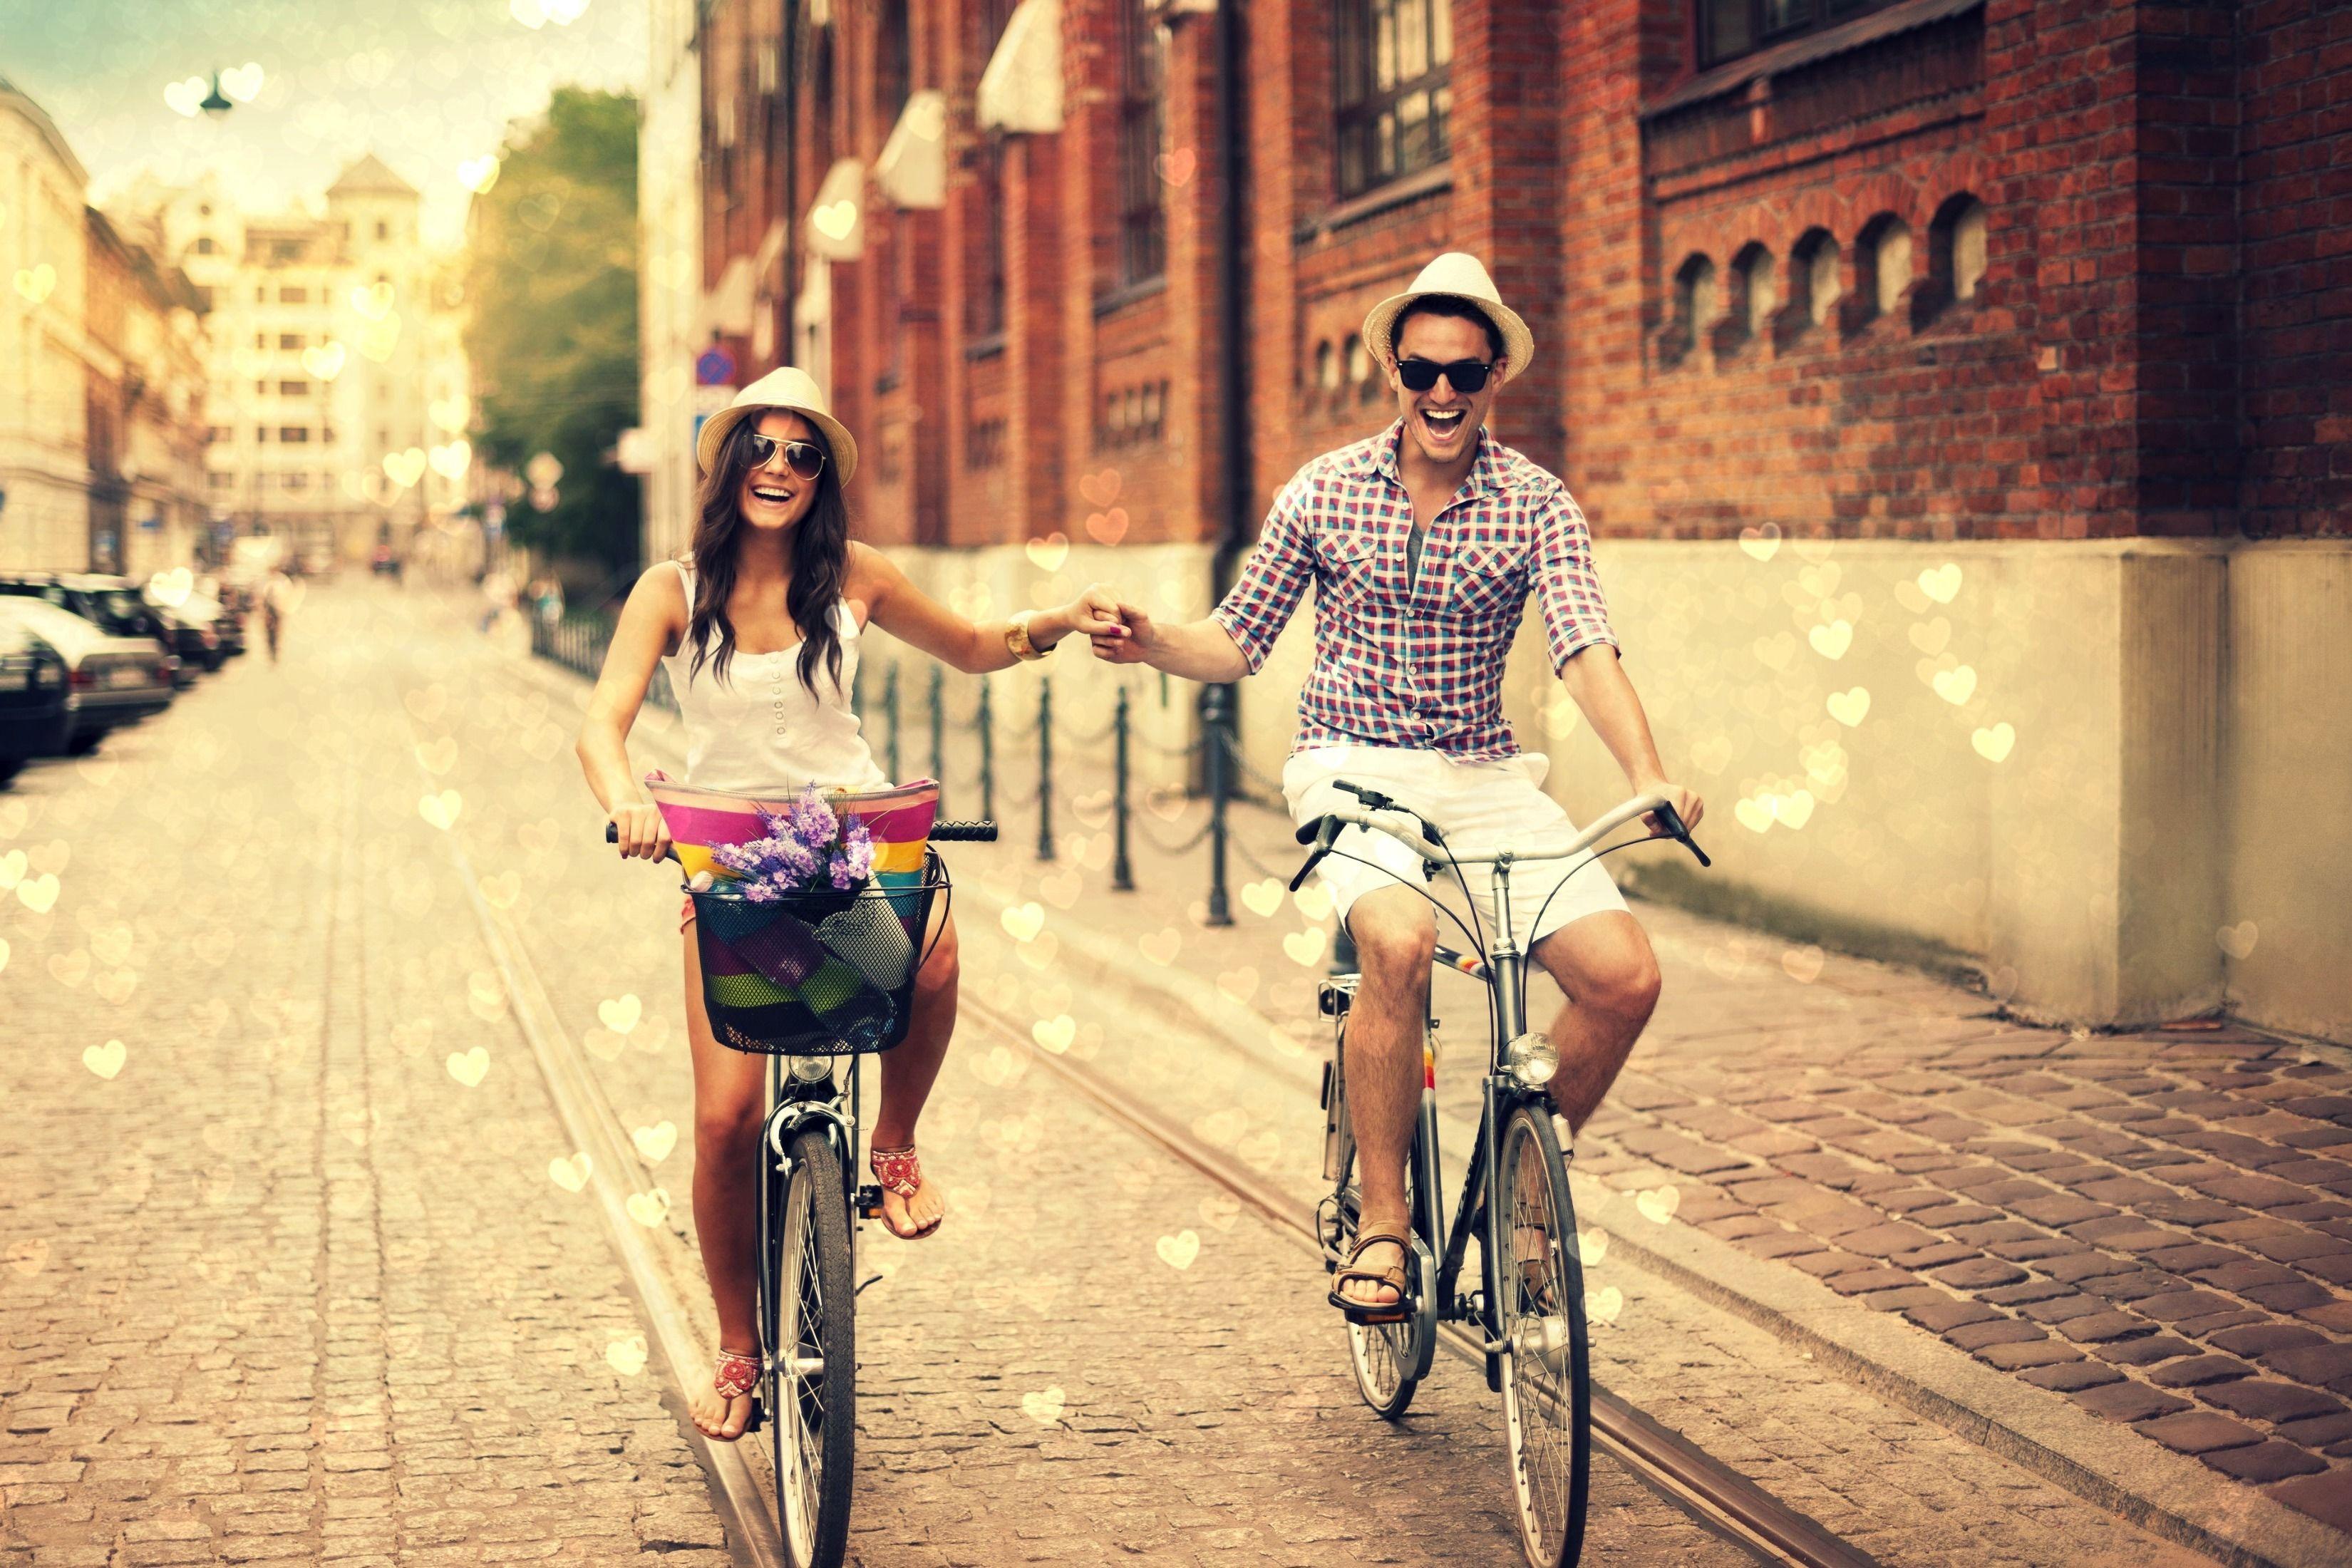 фотосессия на велосипеде пара база